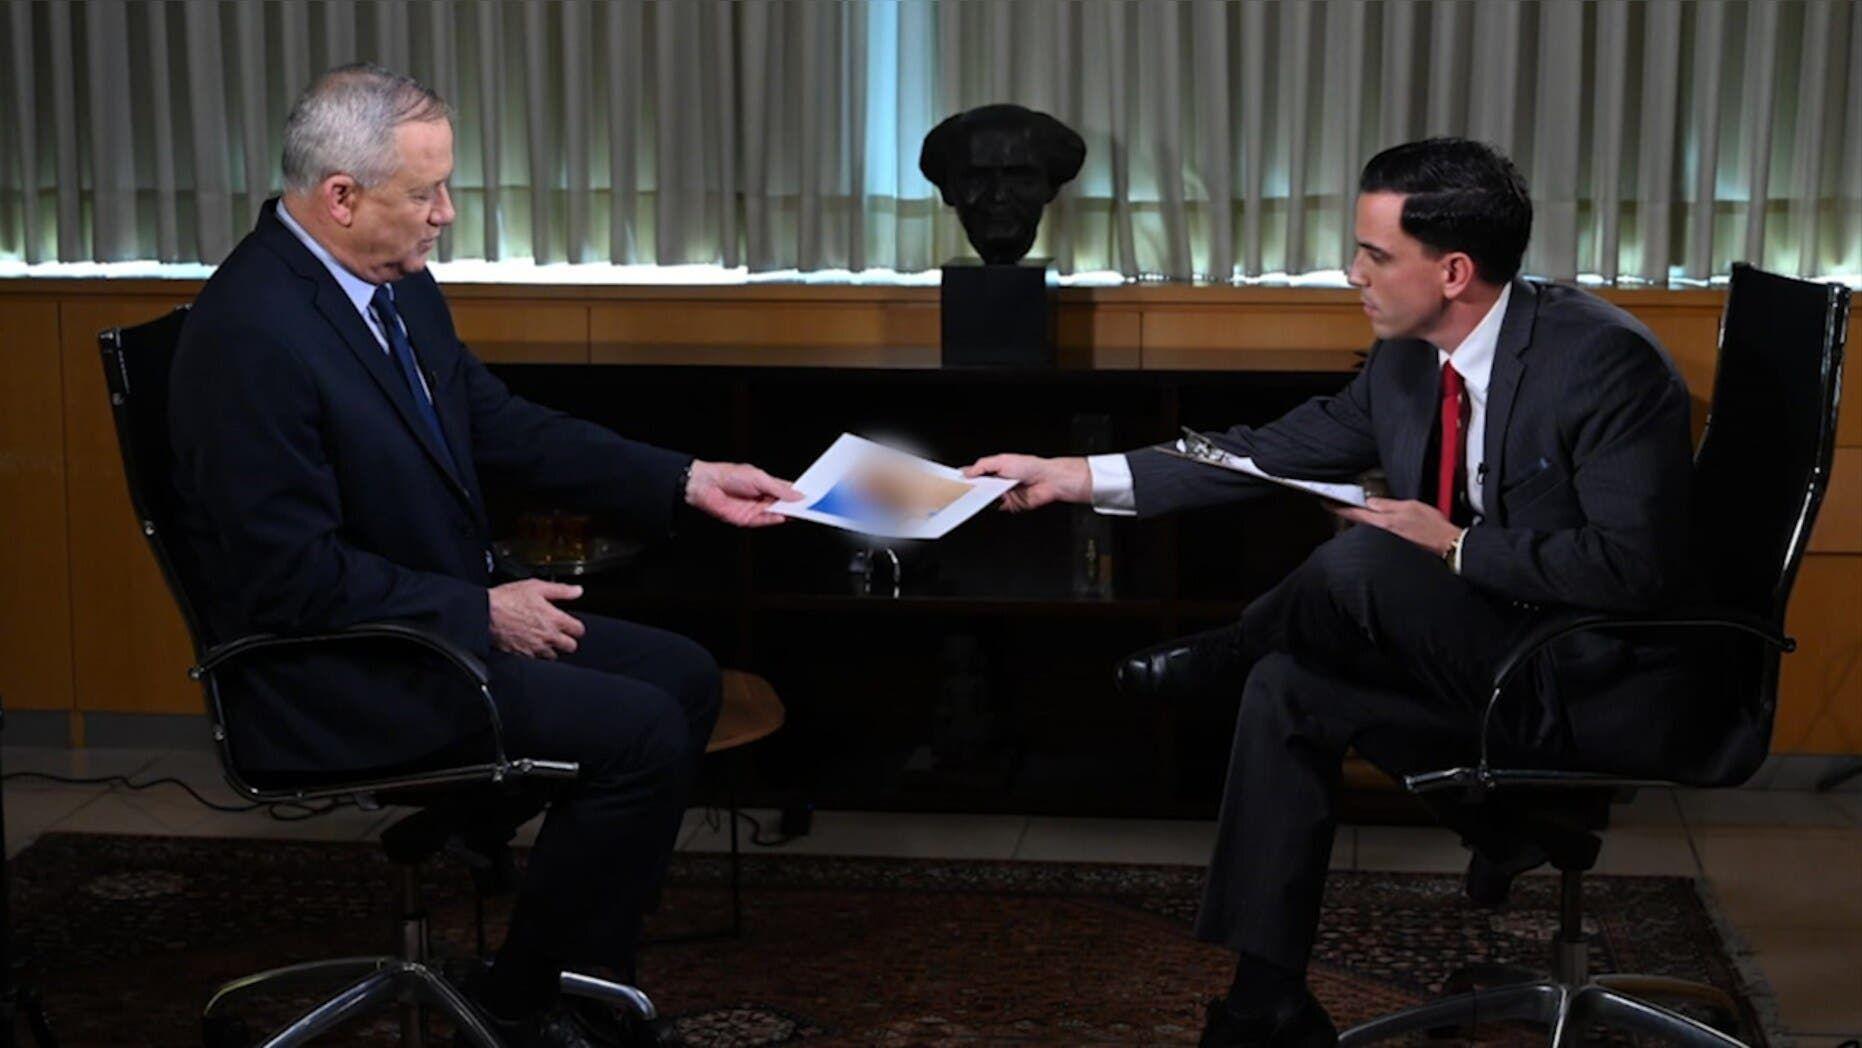 غانتس خلال مقابلته مع فوكس نيوز